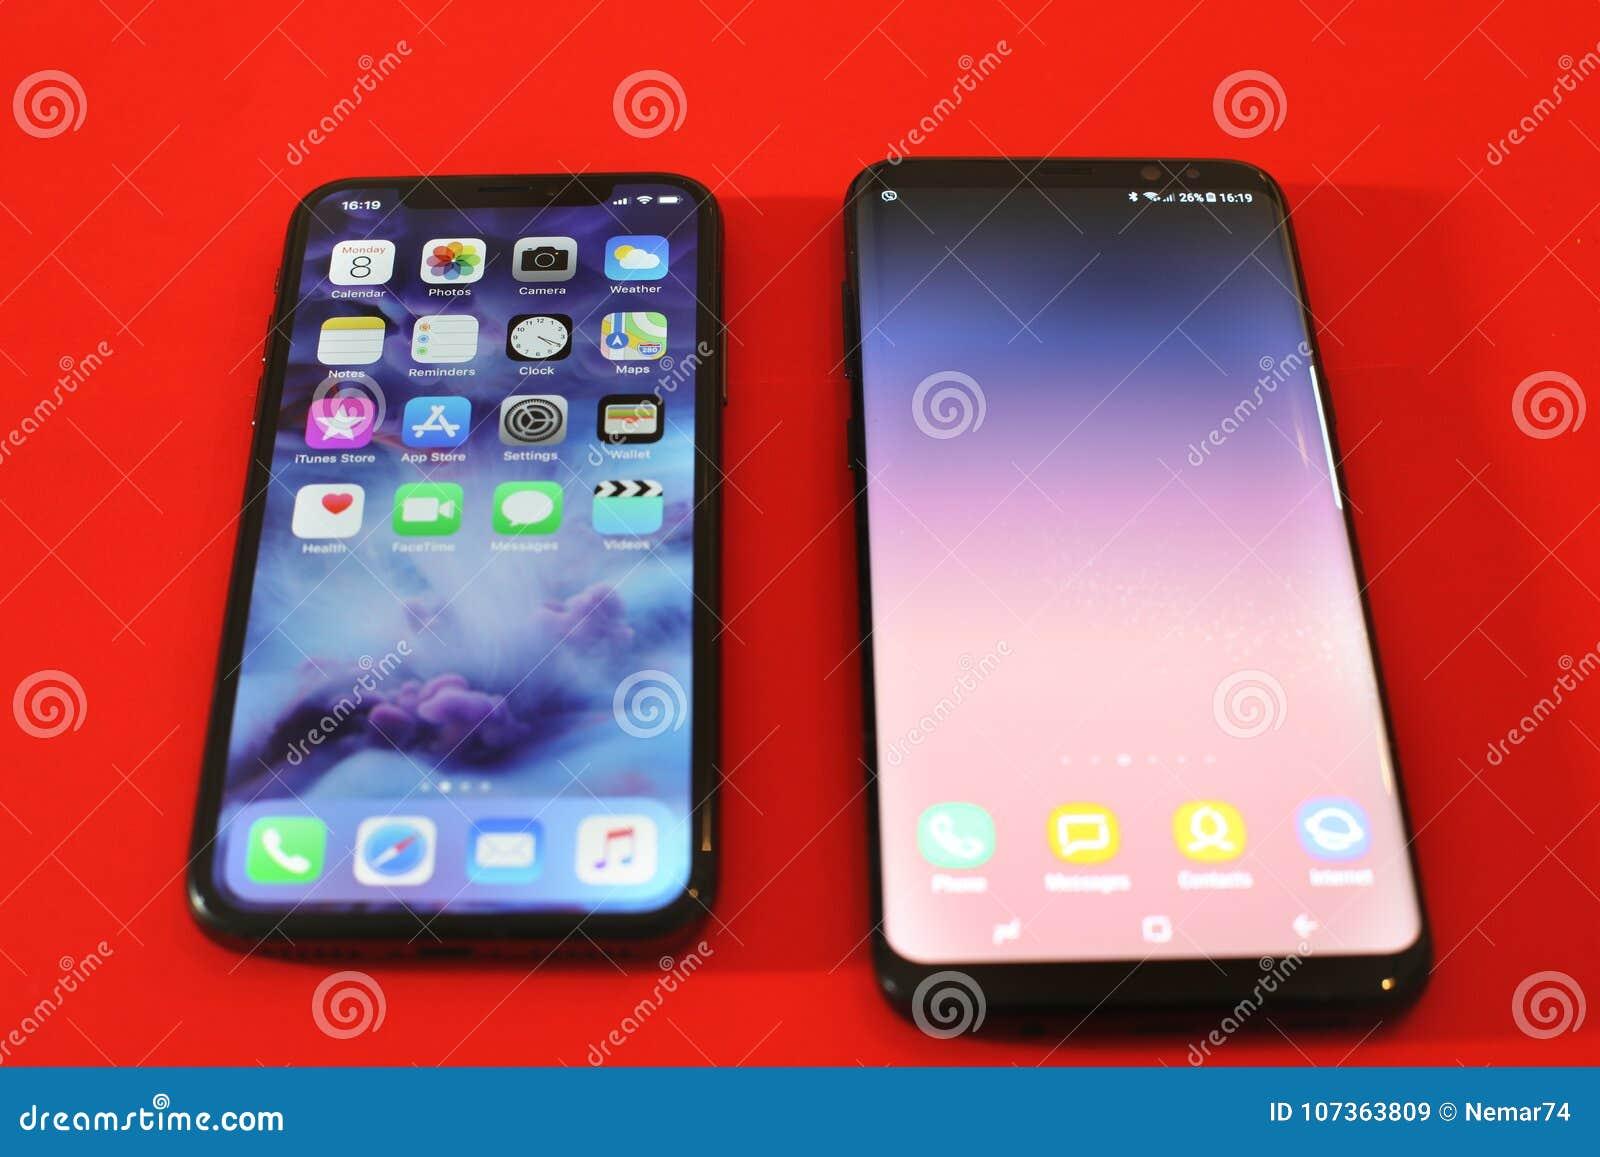 1fccc54c88 BELGRADO, SÉRVIA - 8 DE JANEIRO DE 2018: Os Smartphones os mais novos  Iphone X e a galáxia S8 de Samsung mais como uma comparação do dispositivo,